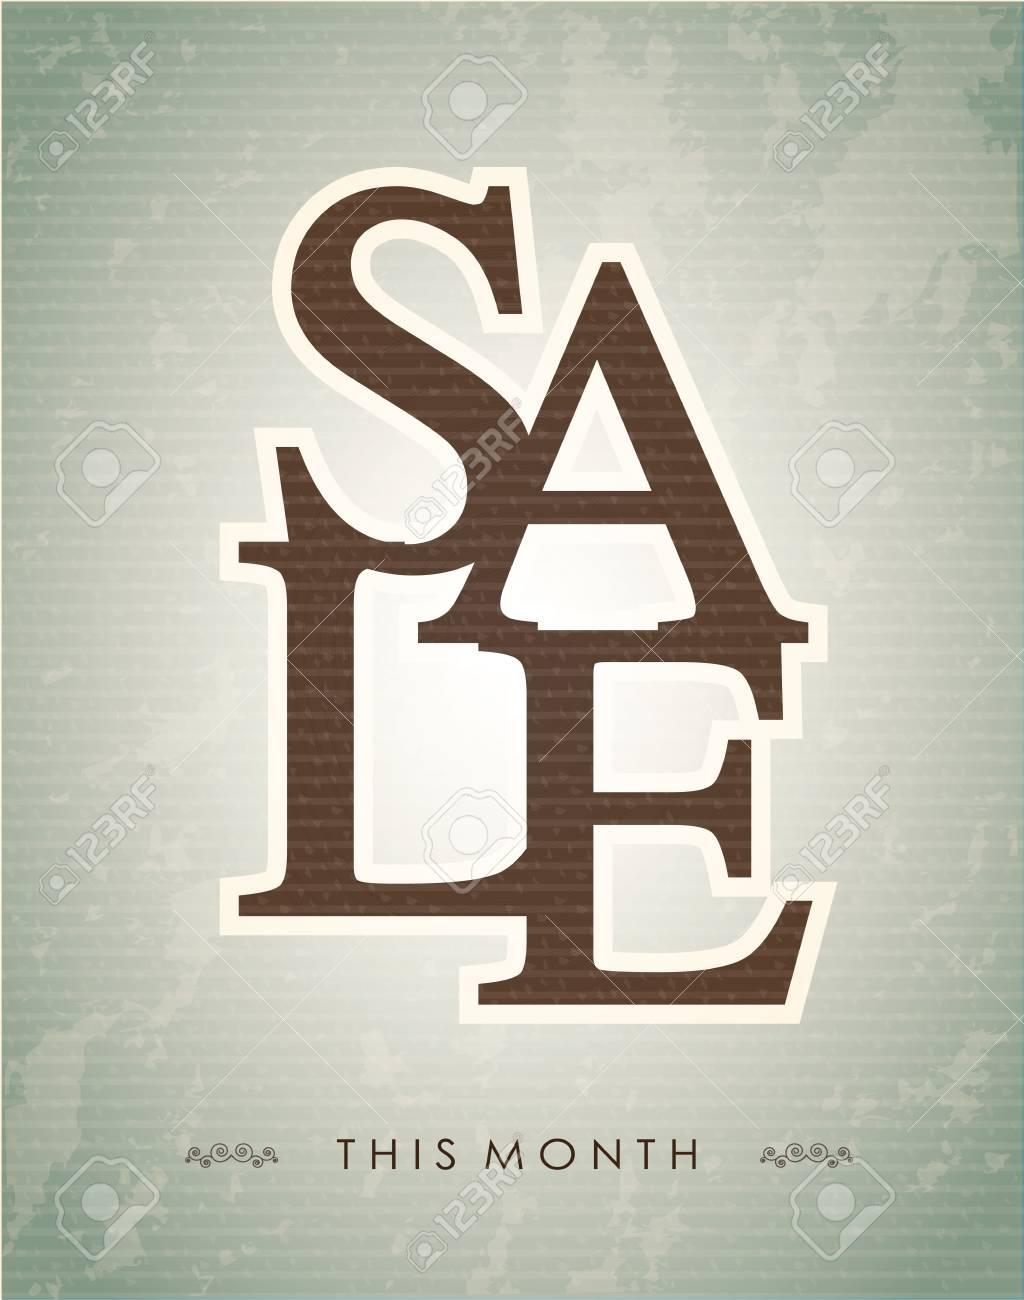 Sale label over vintage background illustration Stock Vector - 19307503